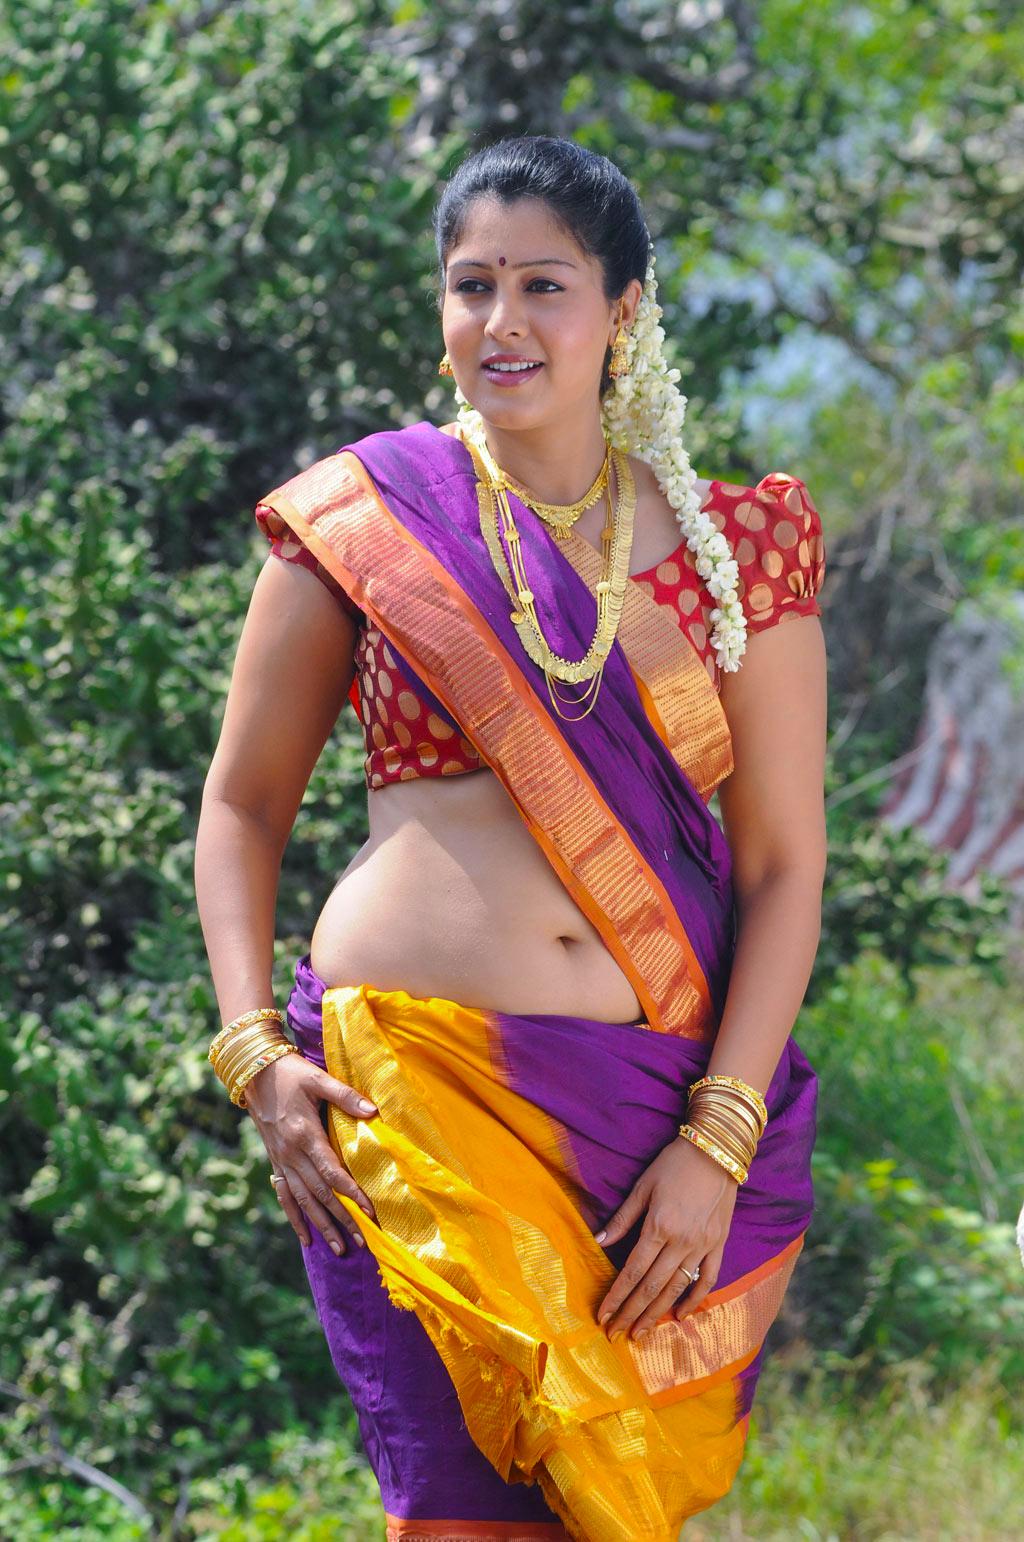 Shweta menon hot in saree photos